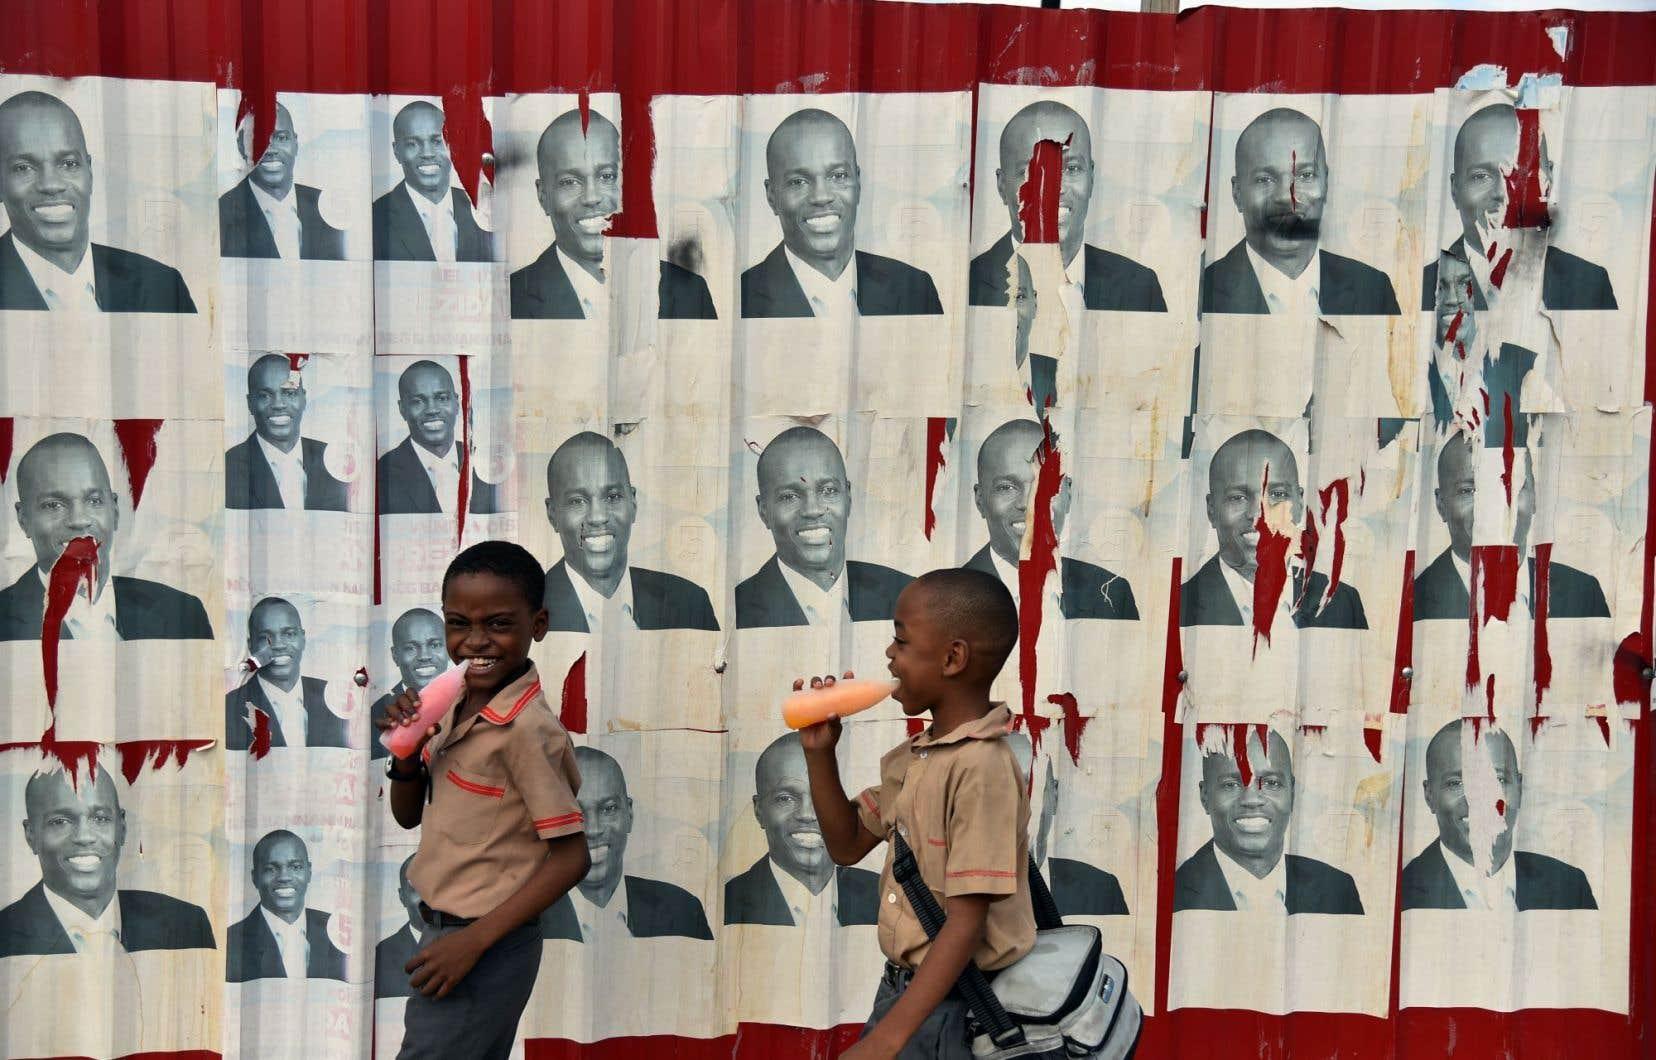 Des écoliers de Port-au-Prince passent devant les affiches du candidat à la présidence du Parti haïtien Tèt Kale (PHTK), Jovenel Moïse.